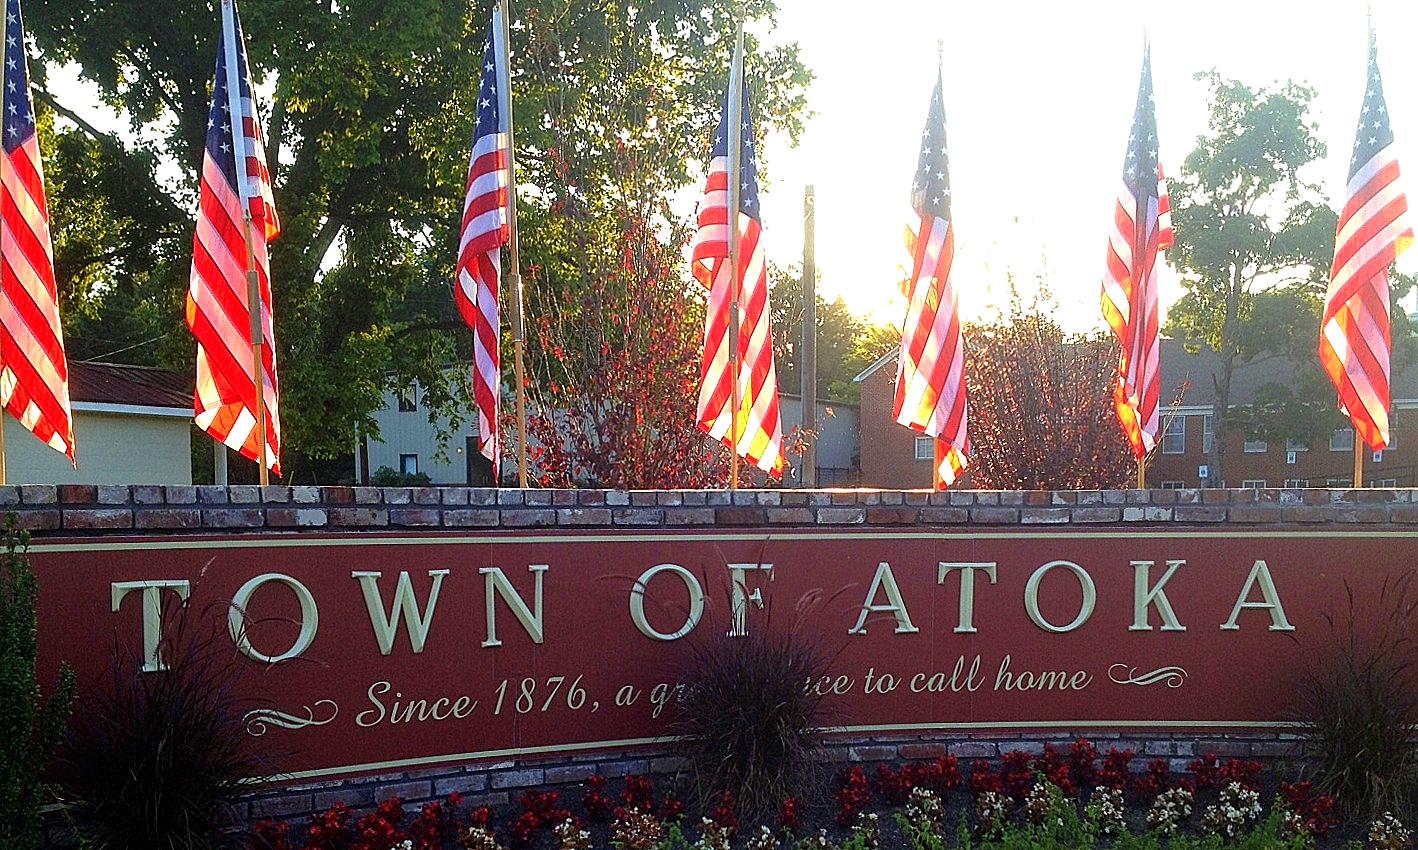 Town_of_Atoka_Sign,_Atoka,_Tennessee